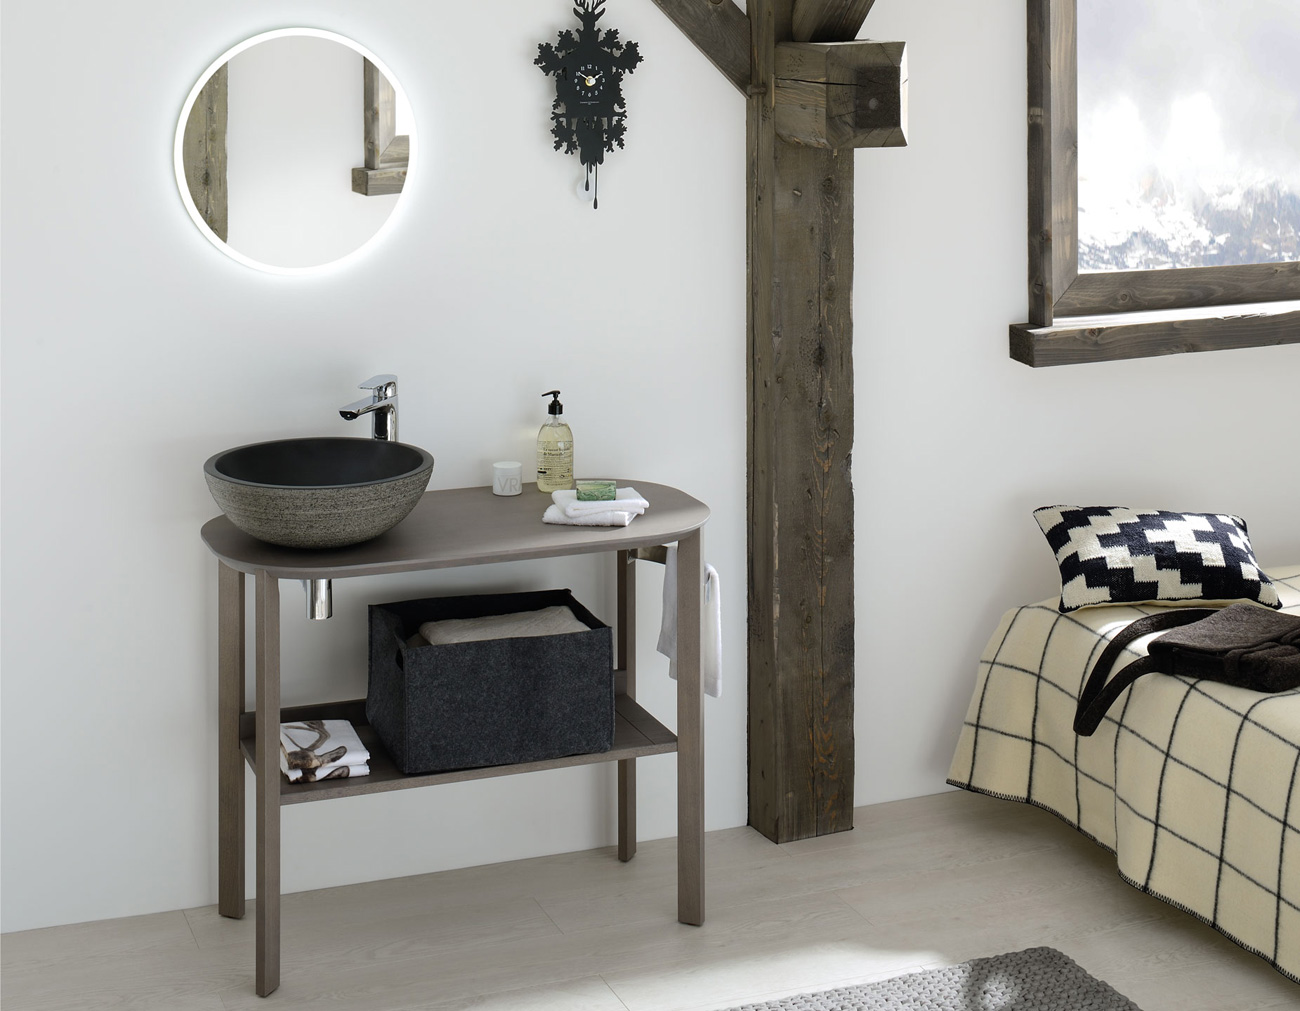 Nos diff rents mod les de meubles de salle de bains for Meuble coin salle de bain